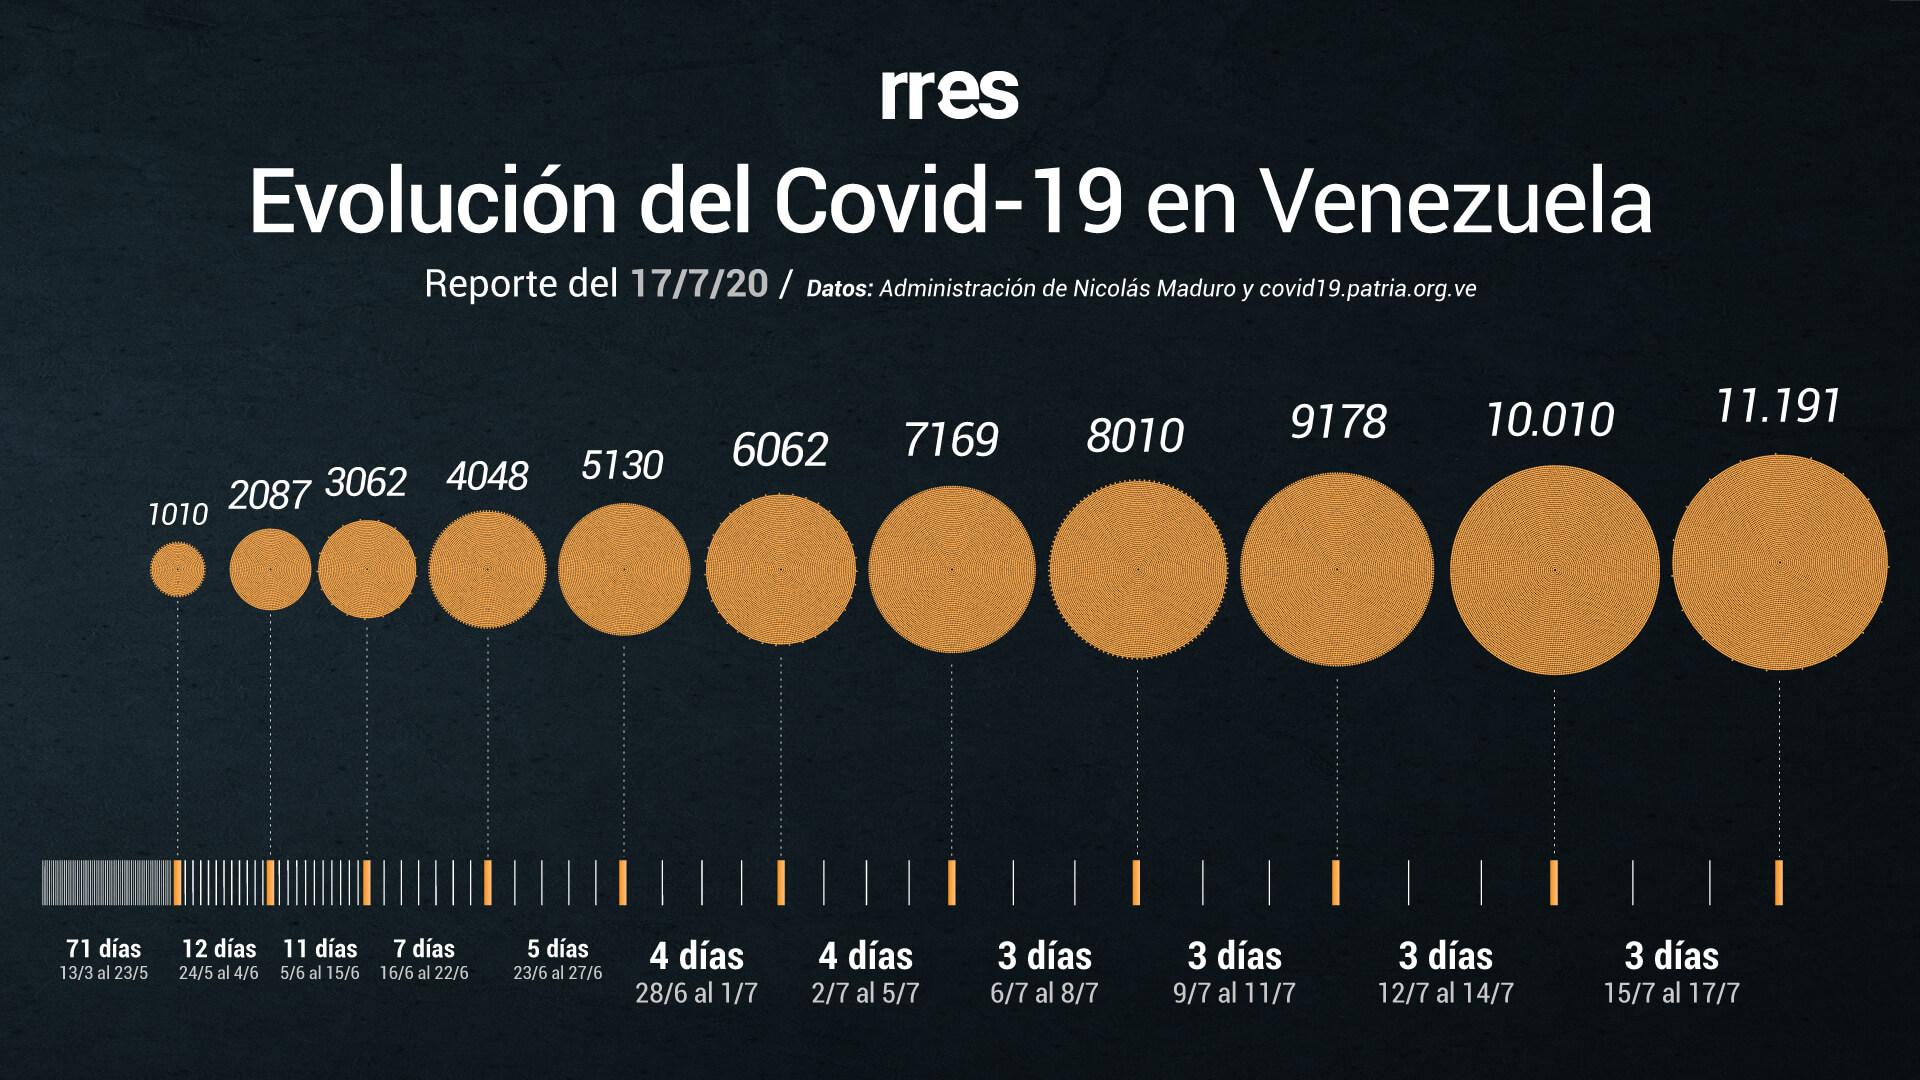 Venezuela registra un total de 107 muertos por COVID-19 y más de 11.000 casos #17Jul